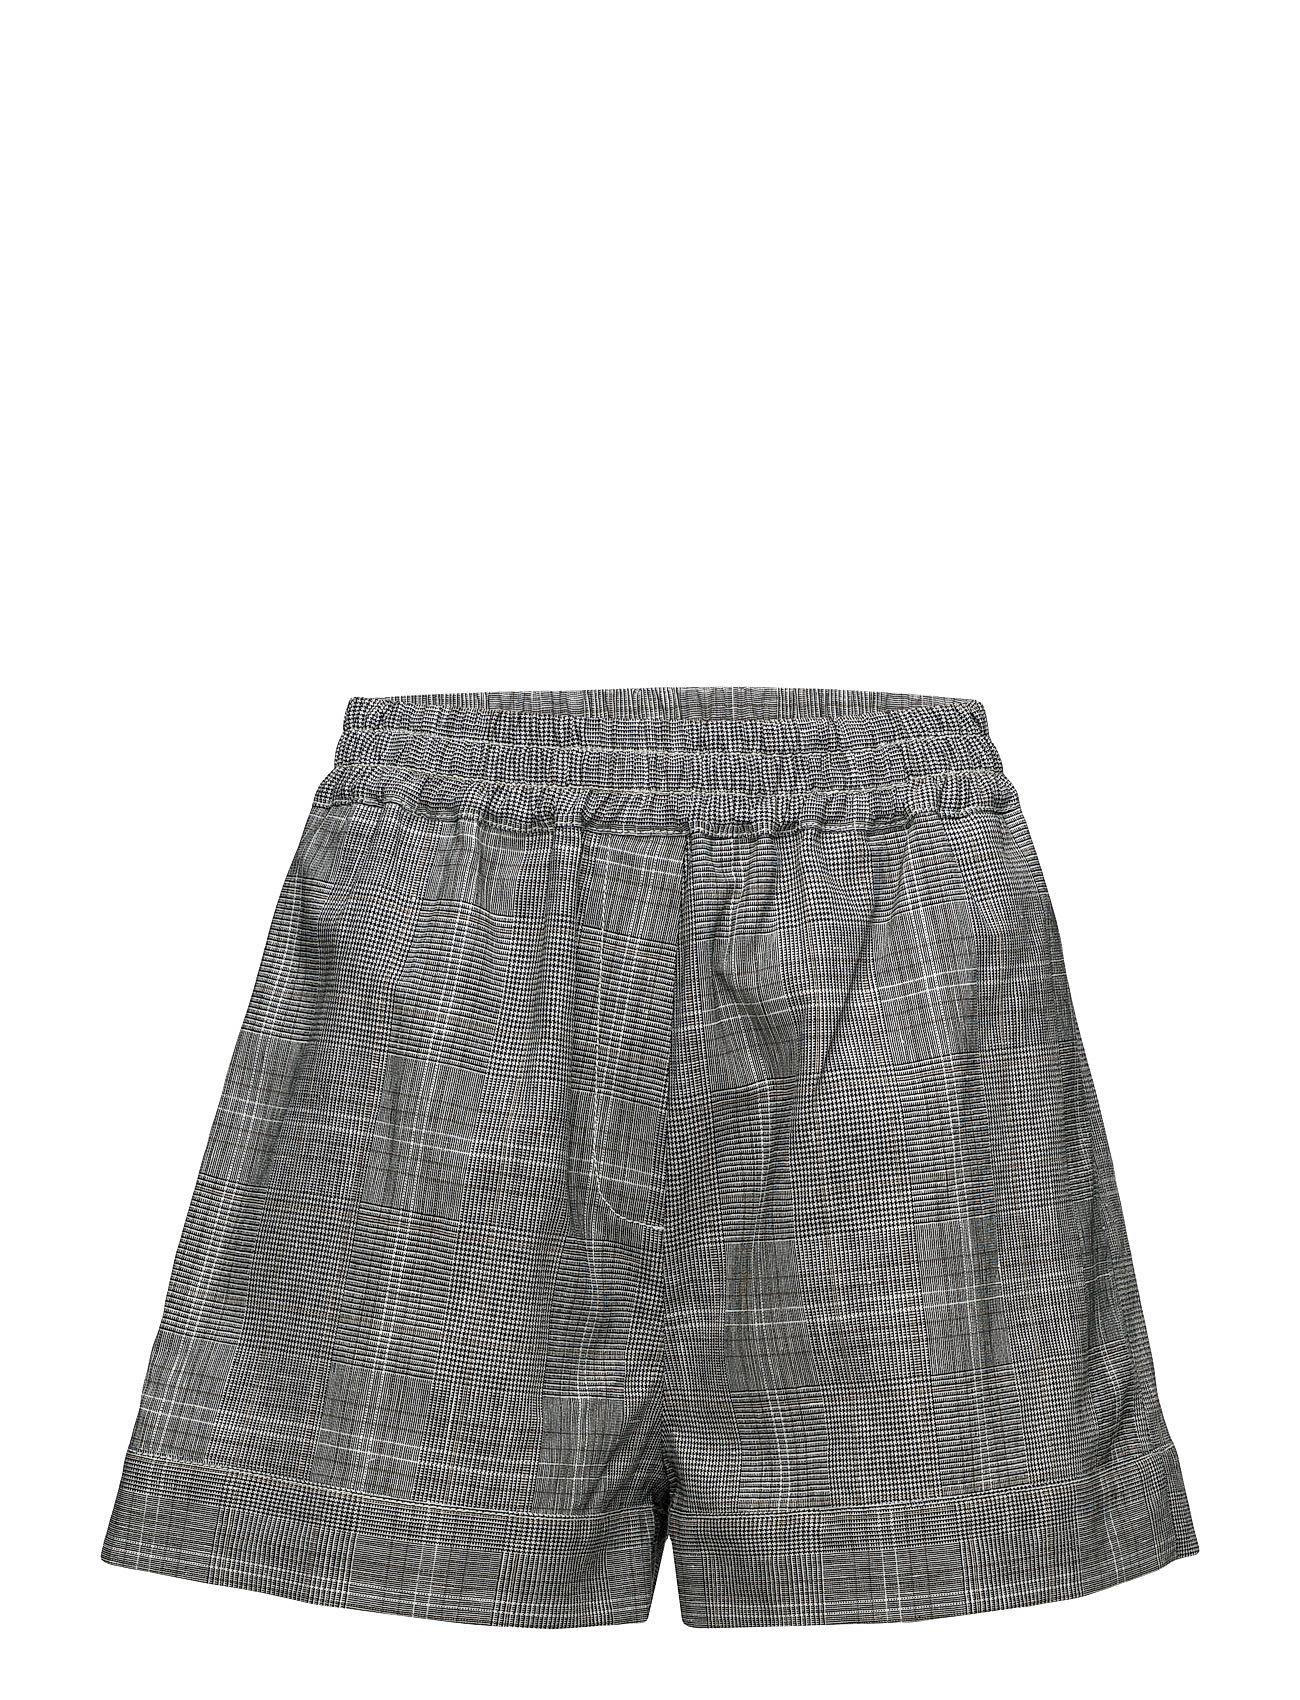 Hope Sun shorts